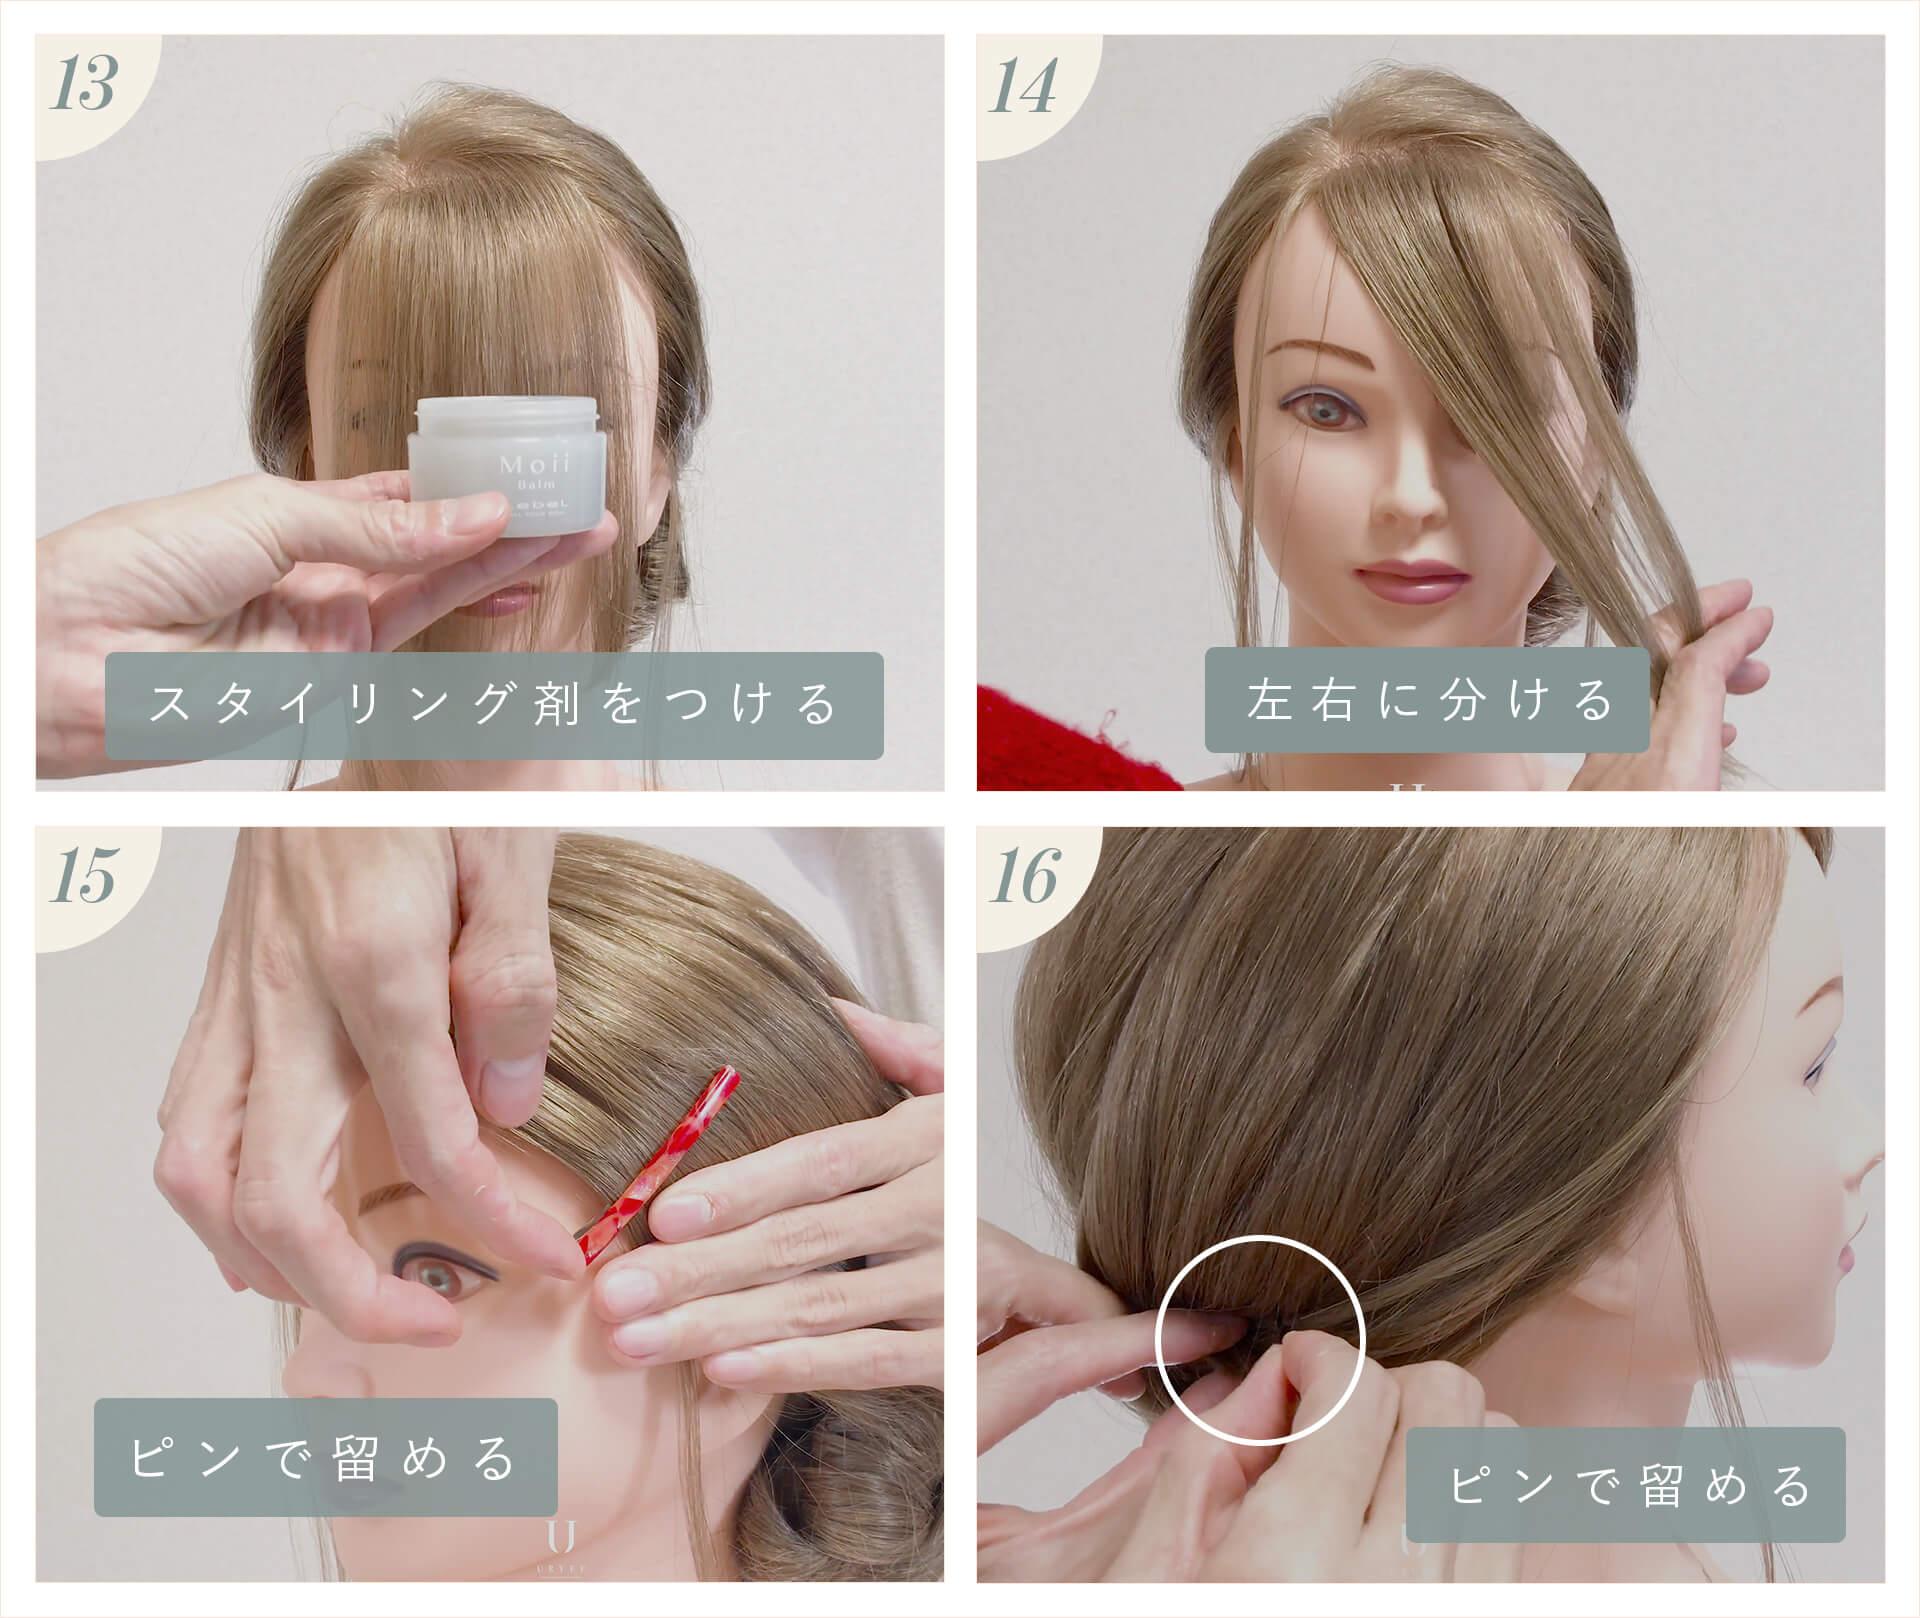 浴衣 前髪あり なし 流す 簡単 髪型